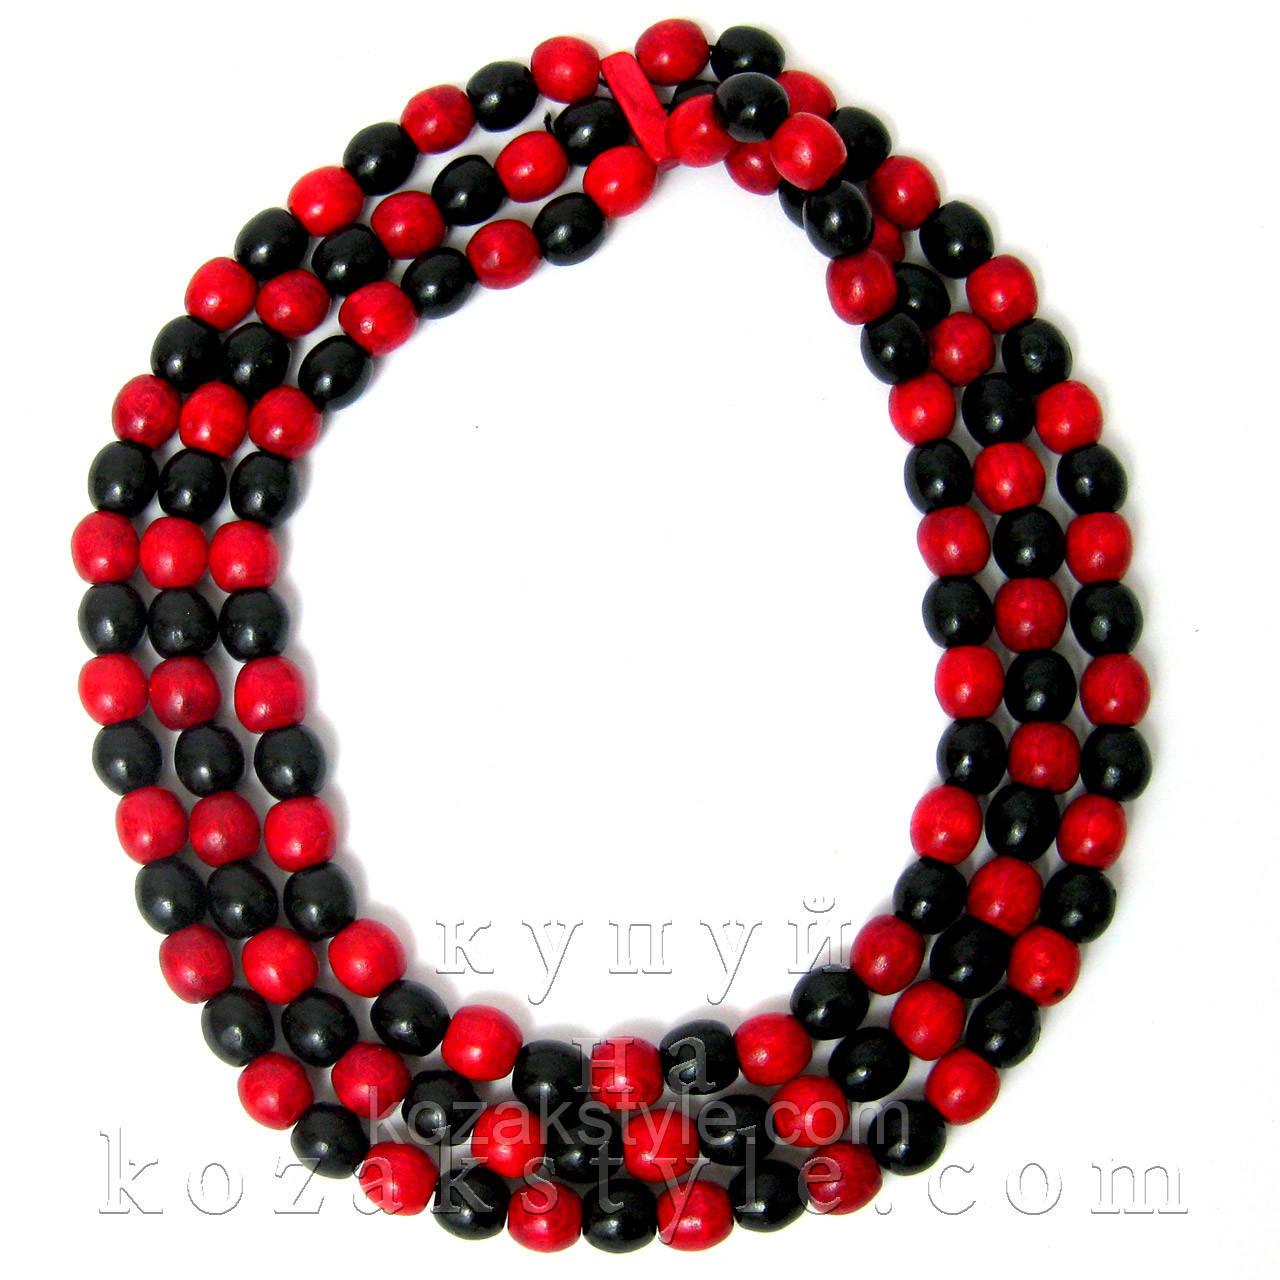 Намисто потрійне (червоно-чорне)  продажа db03772d22a85